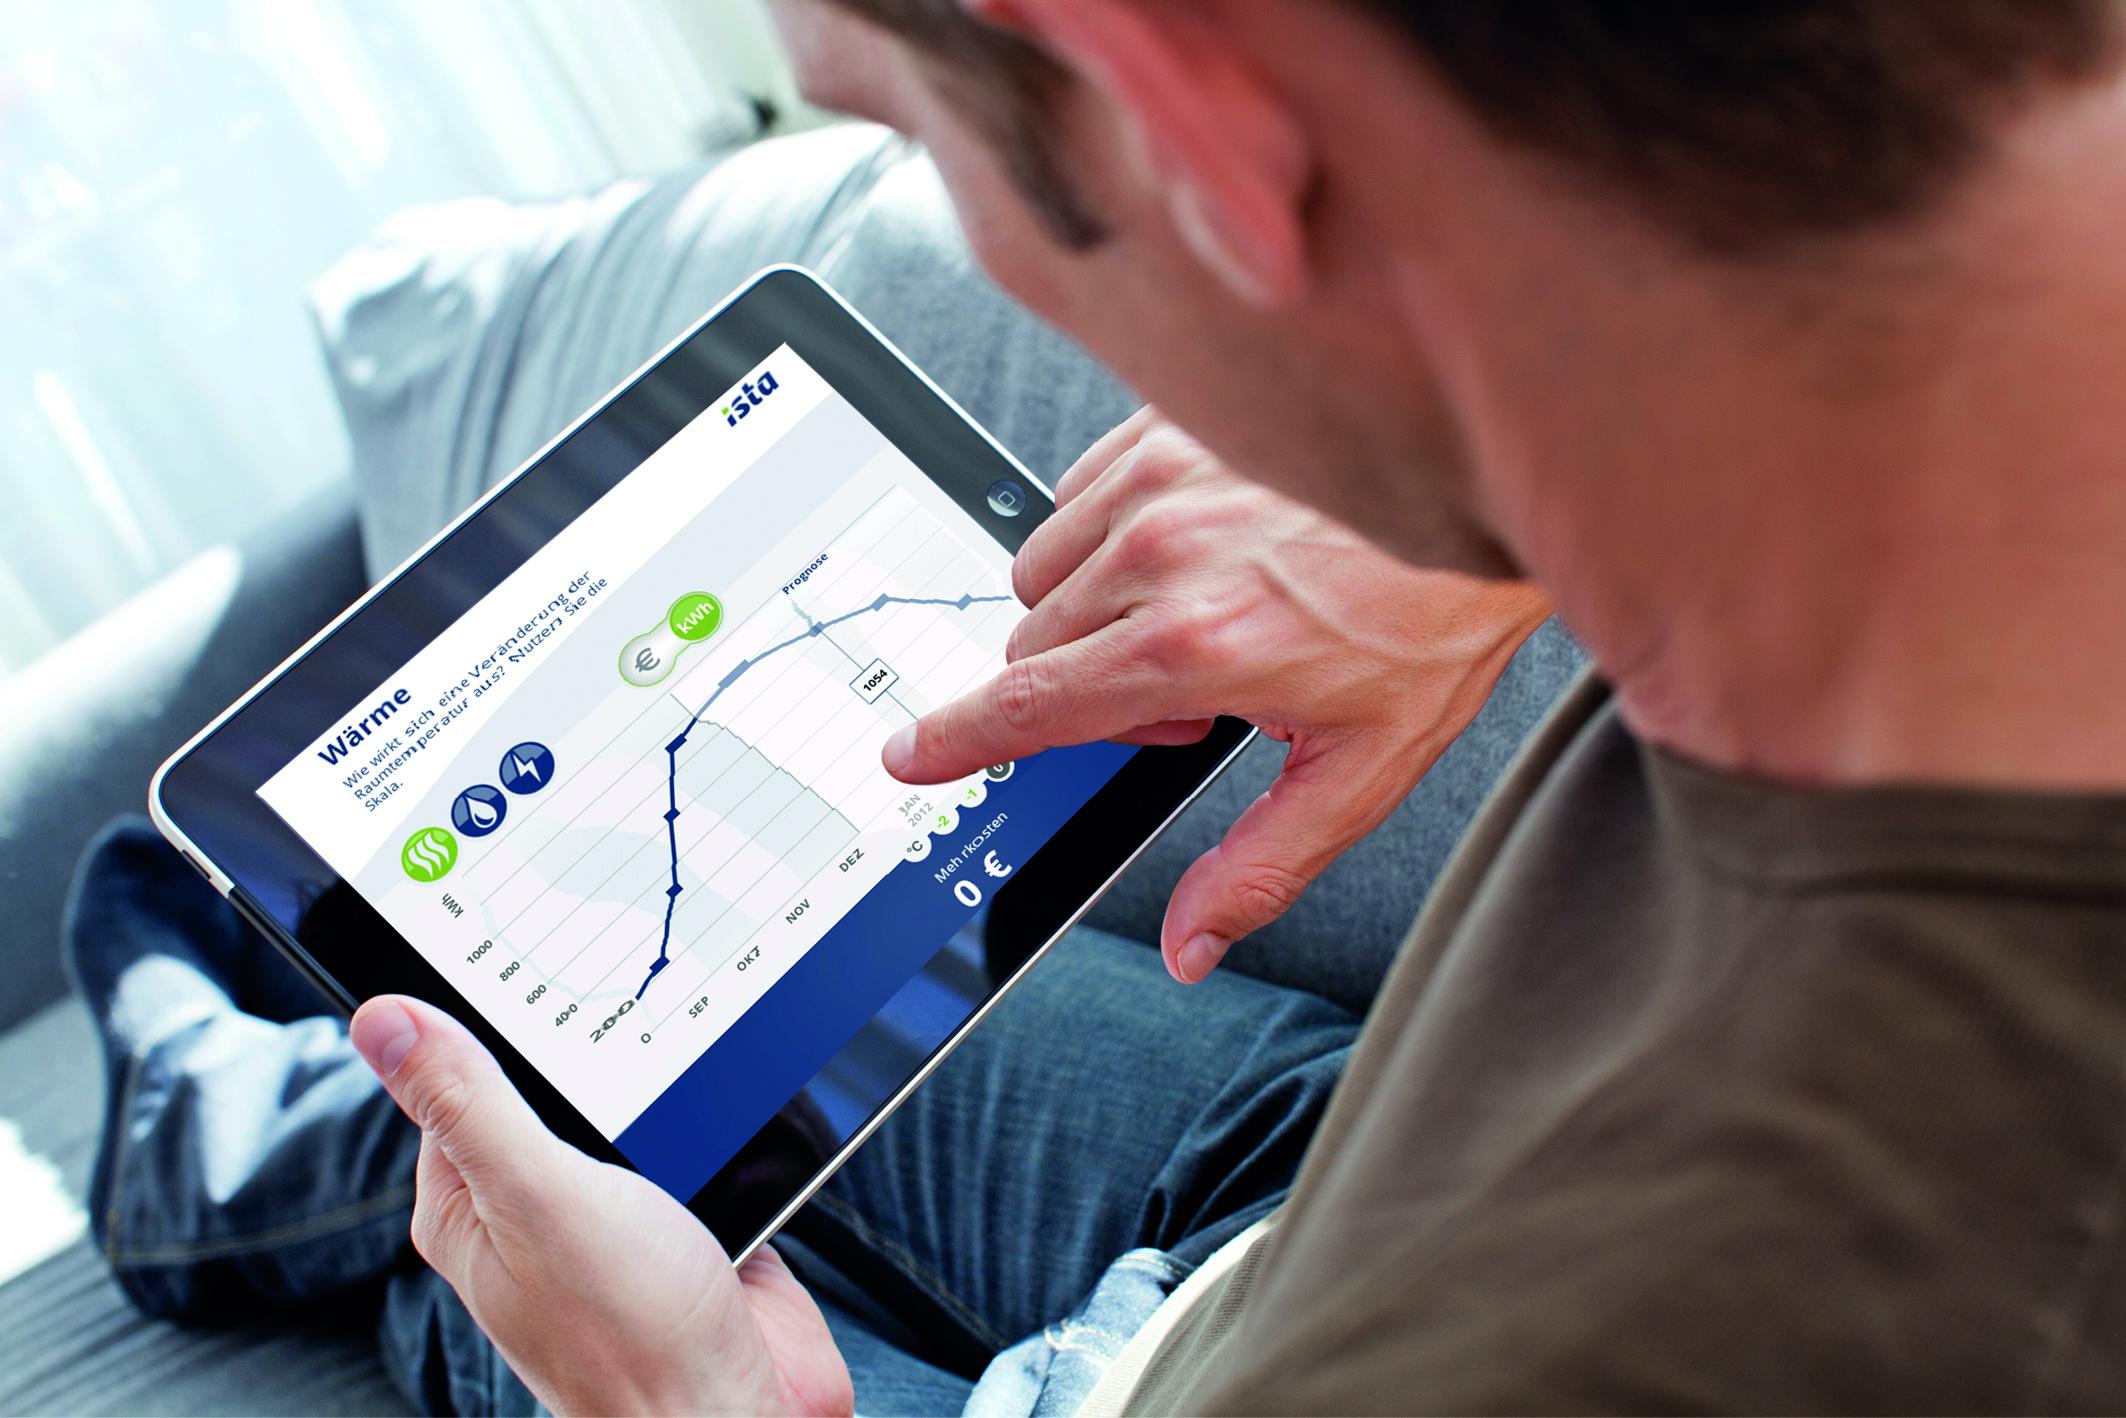 Ein Mann hält ein Tablet in den Händen und kontrolliert auf dem Bildschirm seinen Wärmeverbrauch sowie seine Nebenkosten